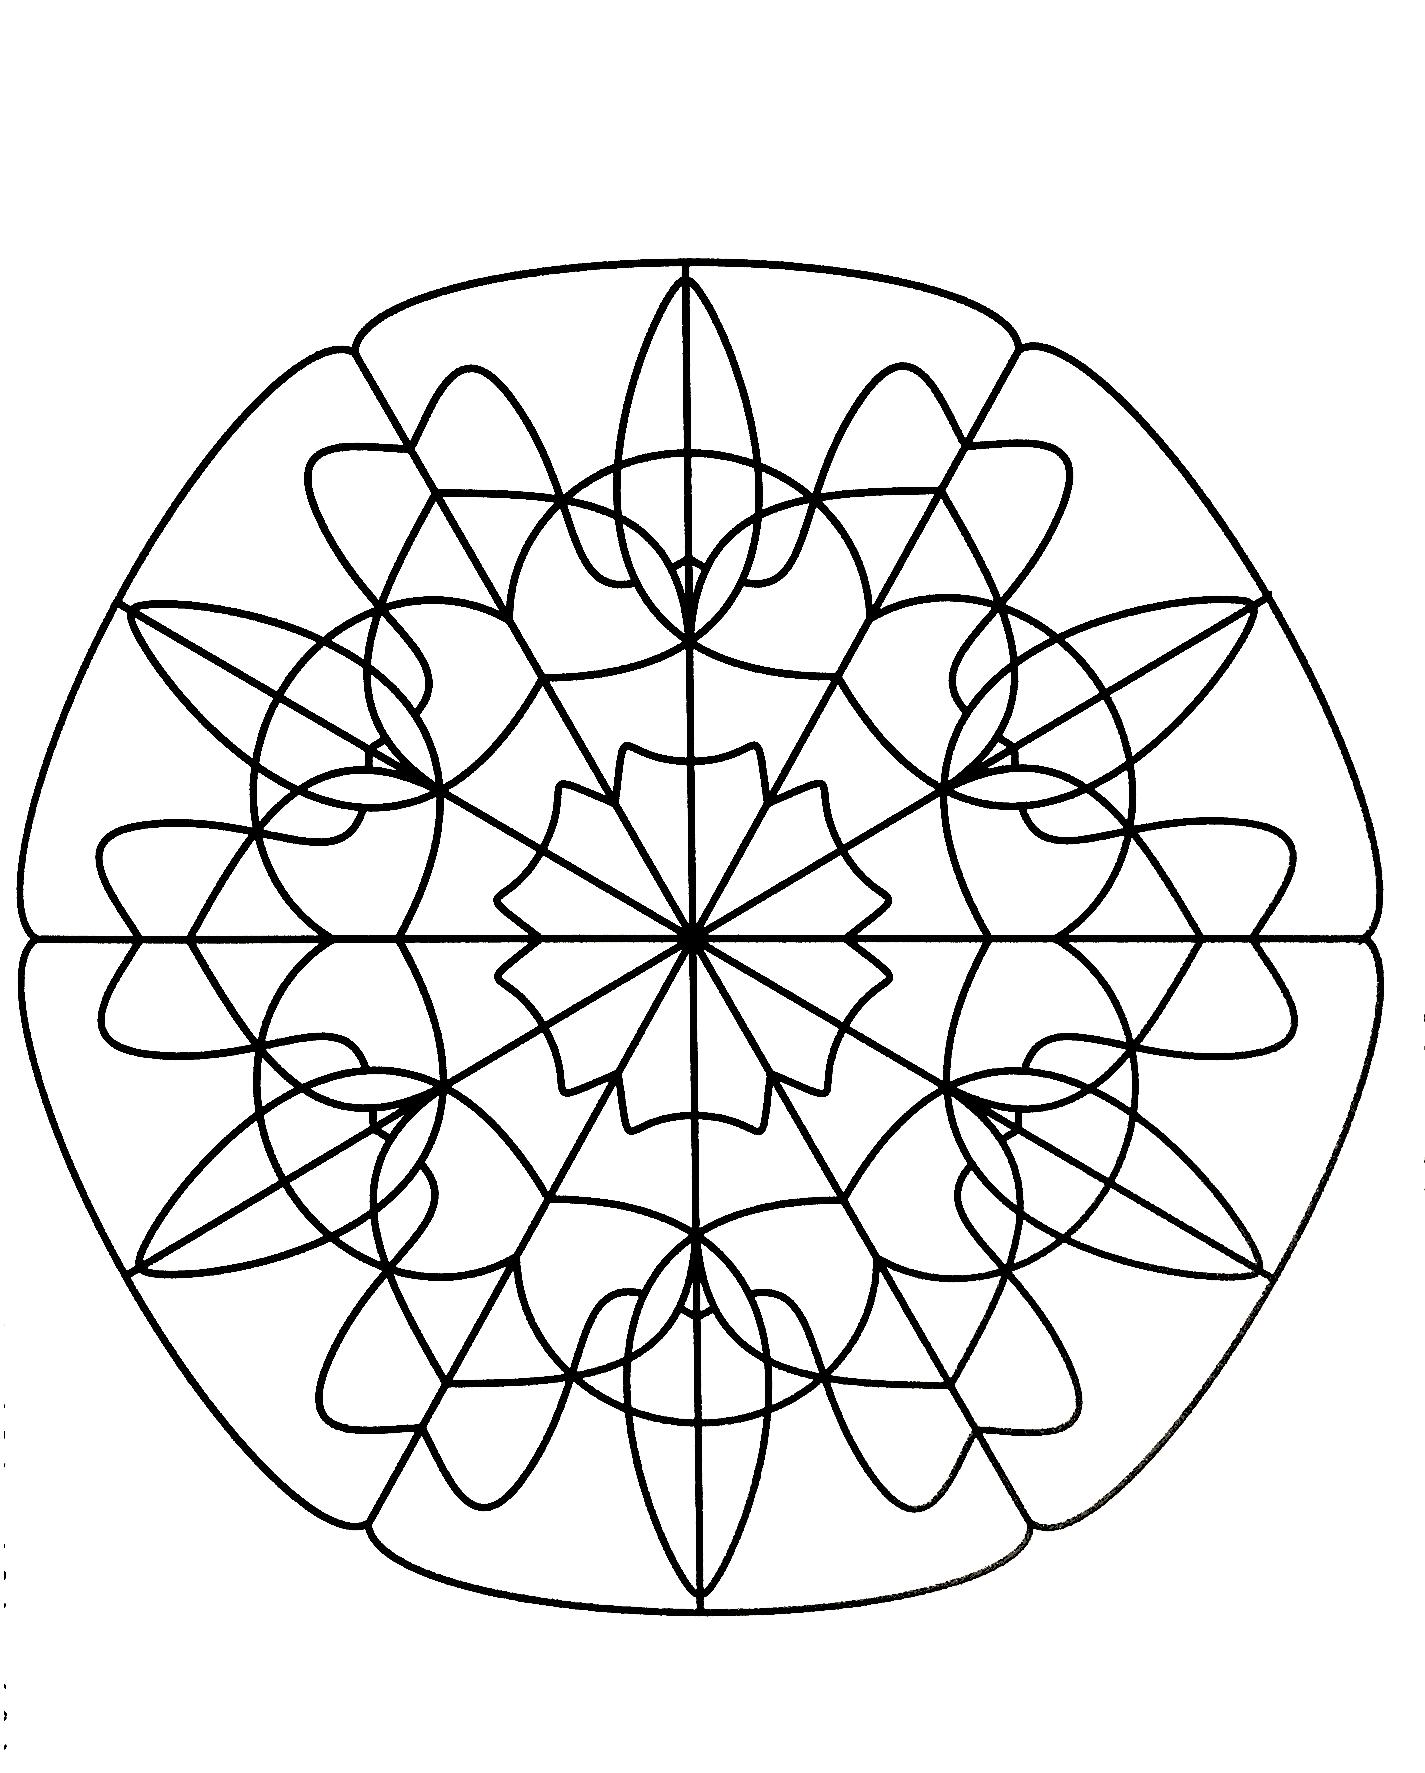 Disegni da colorare per adulti : Mandalas - 62